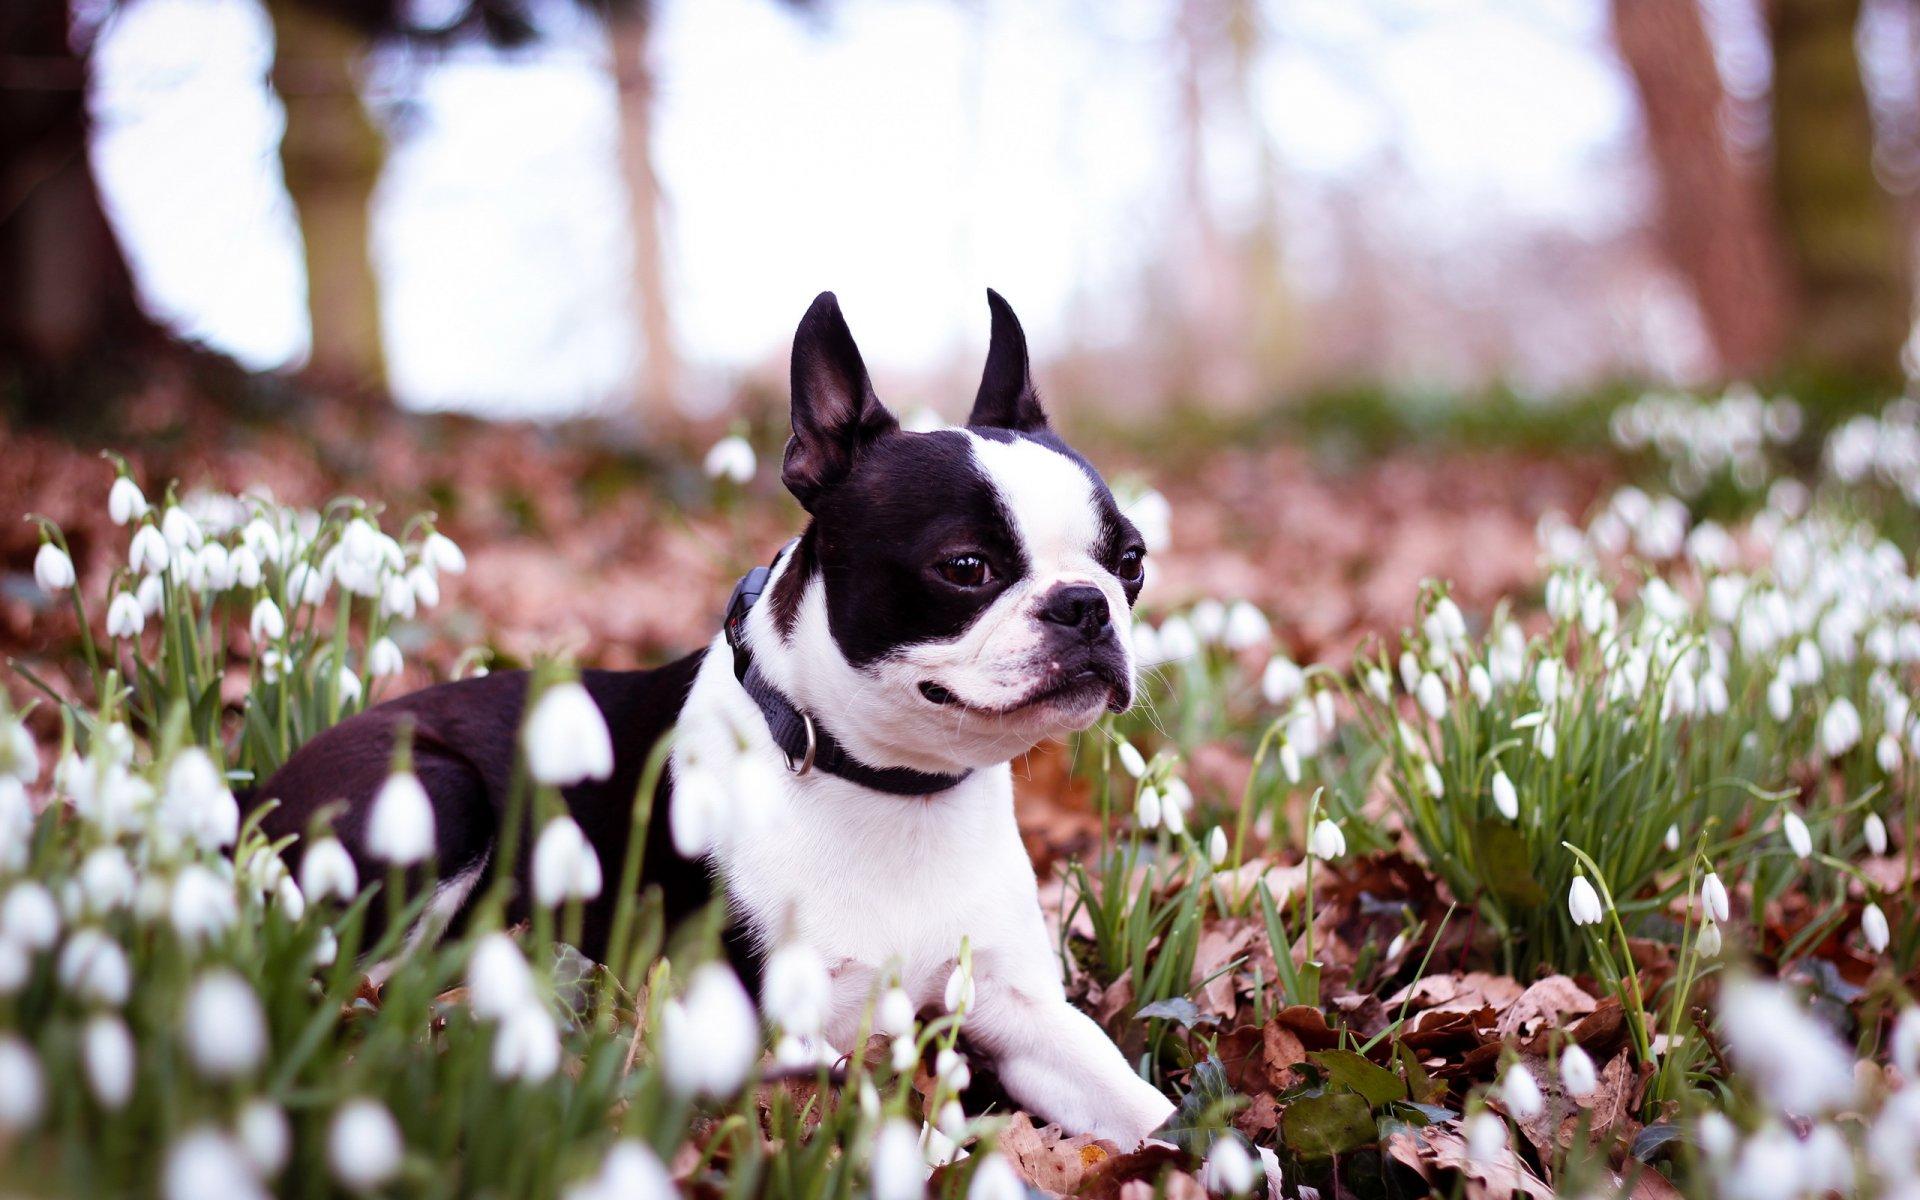 весна картинки с собаками определении